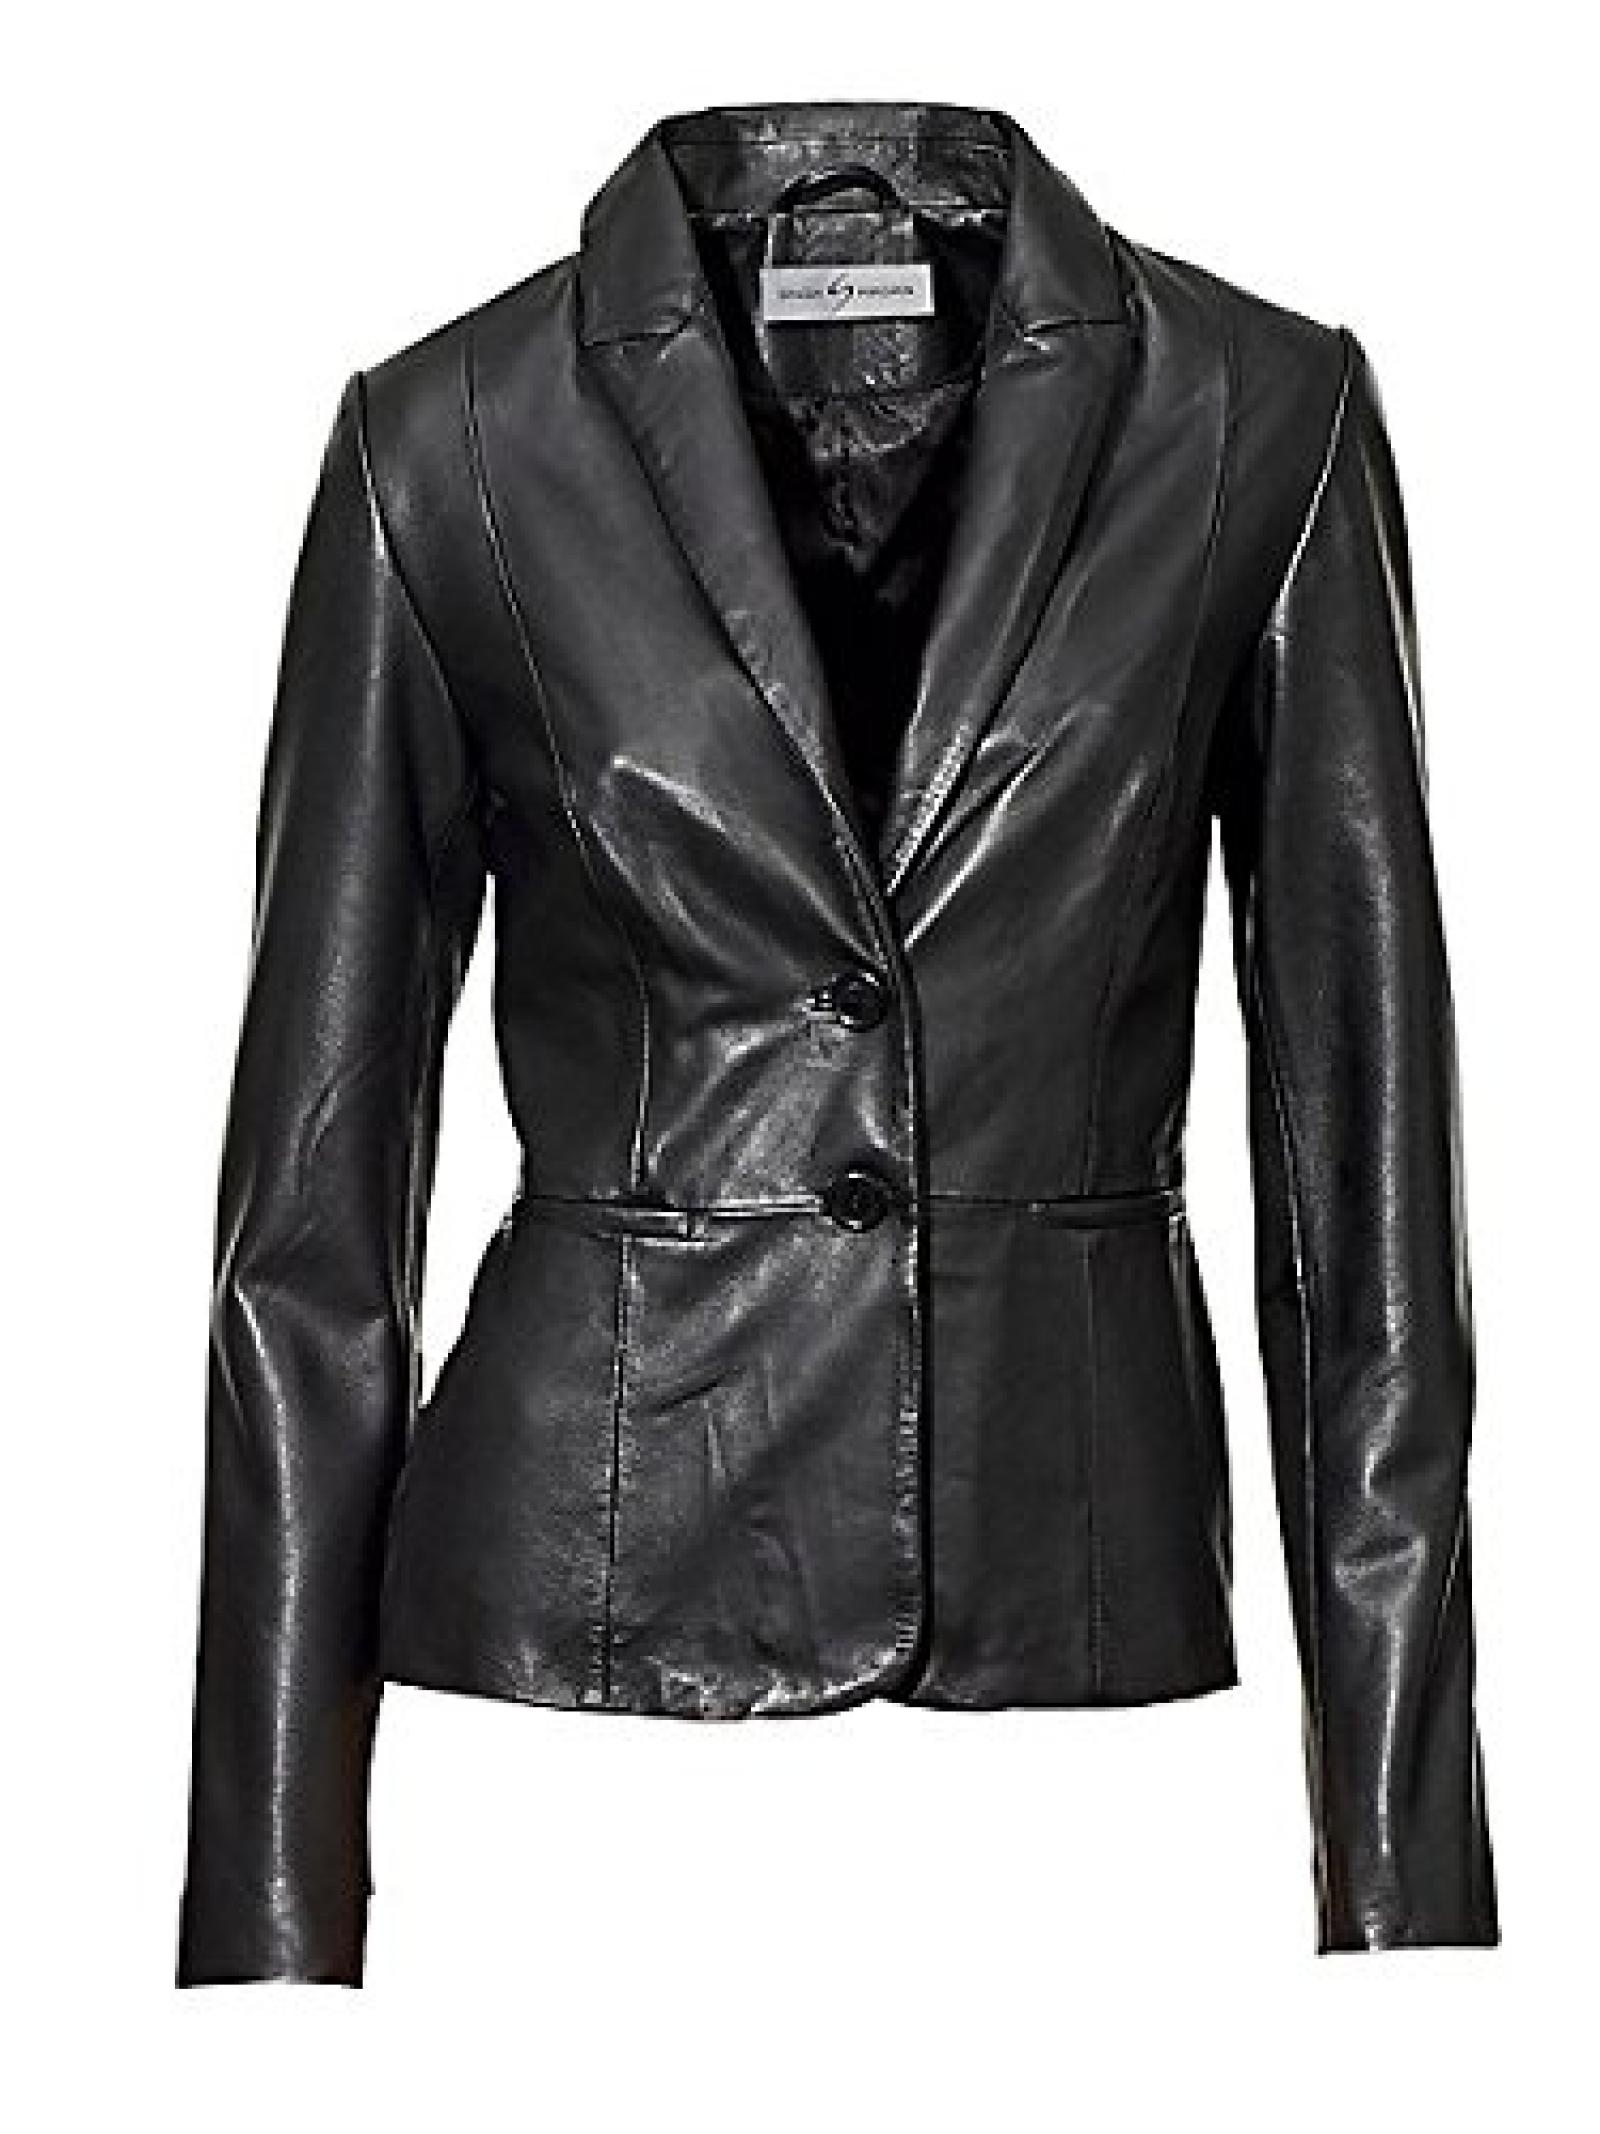 Damen SINGH S. MADAN Lederjacke in schwarz - Größe: 44